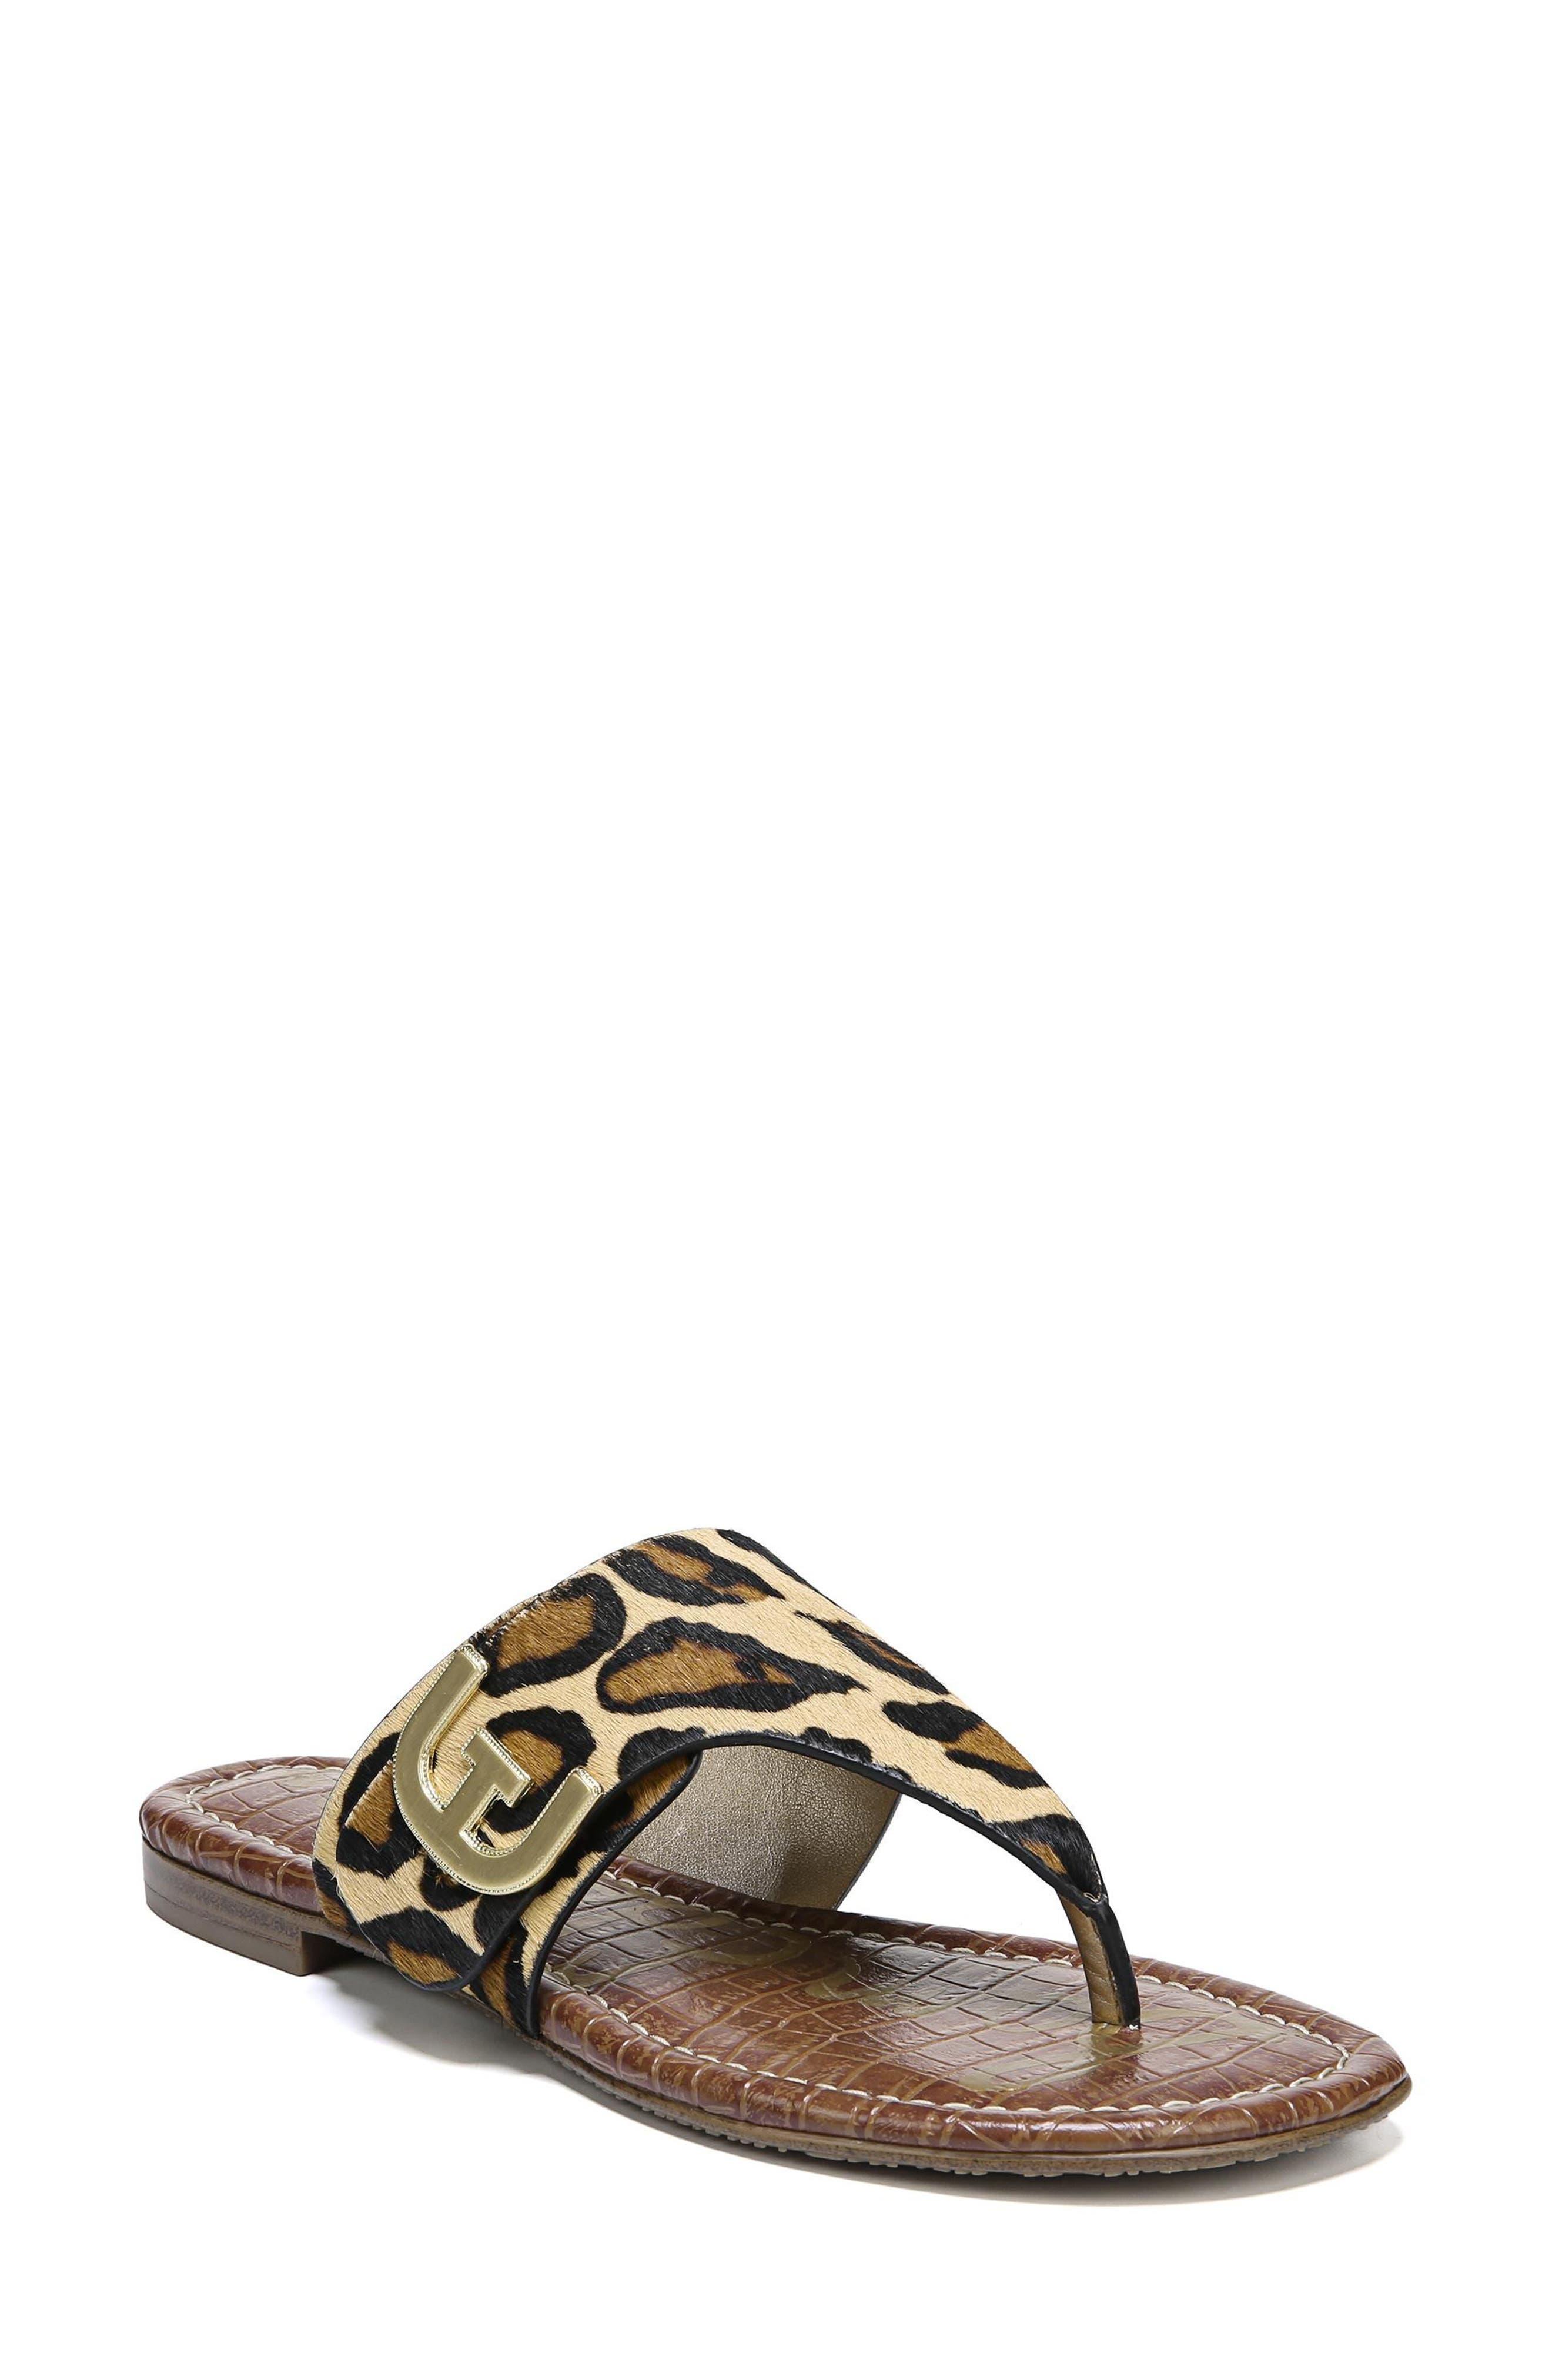 Barry Genuine Calf Hair V-Strap Sandal,                         Main,                         color, New Nude Leopard Brahma Hair